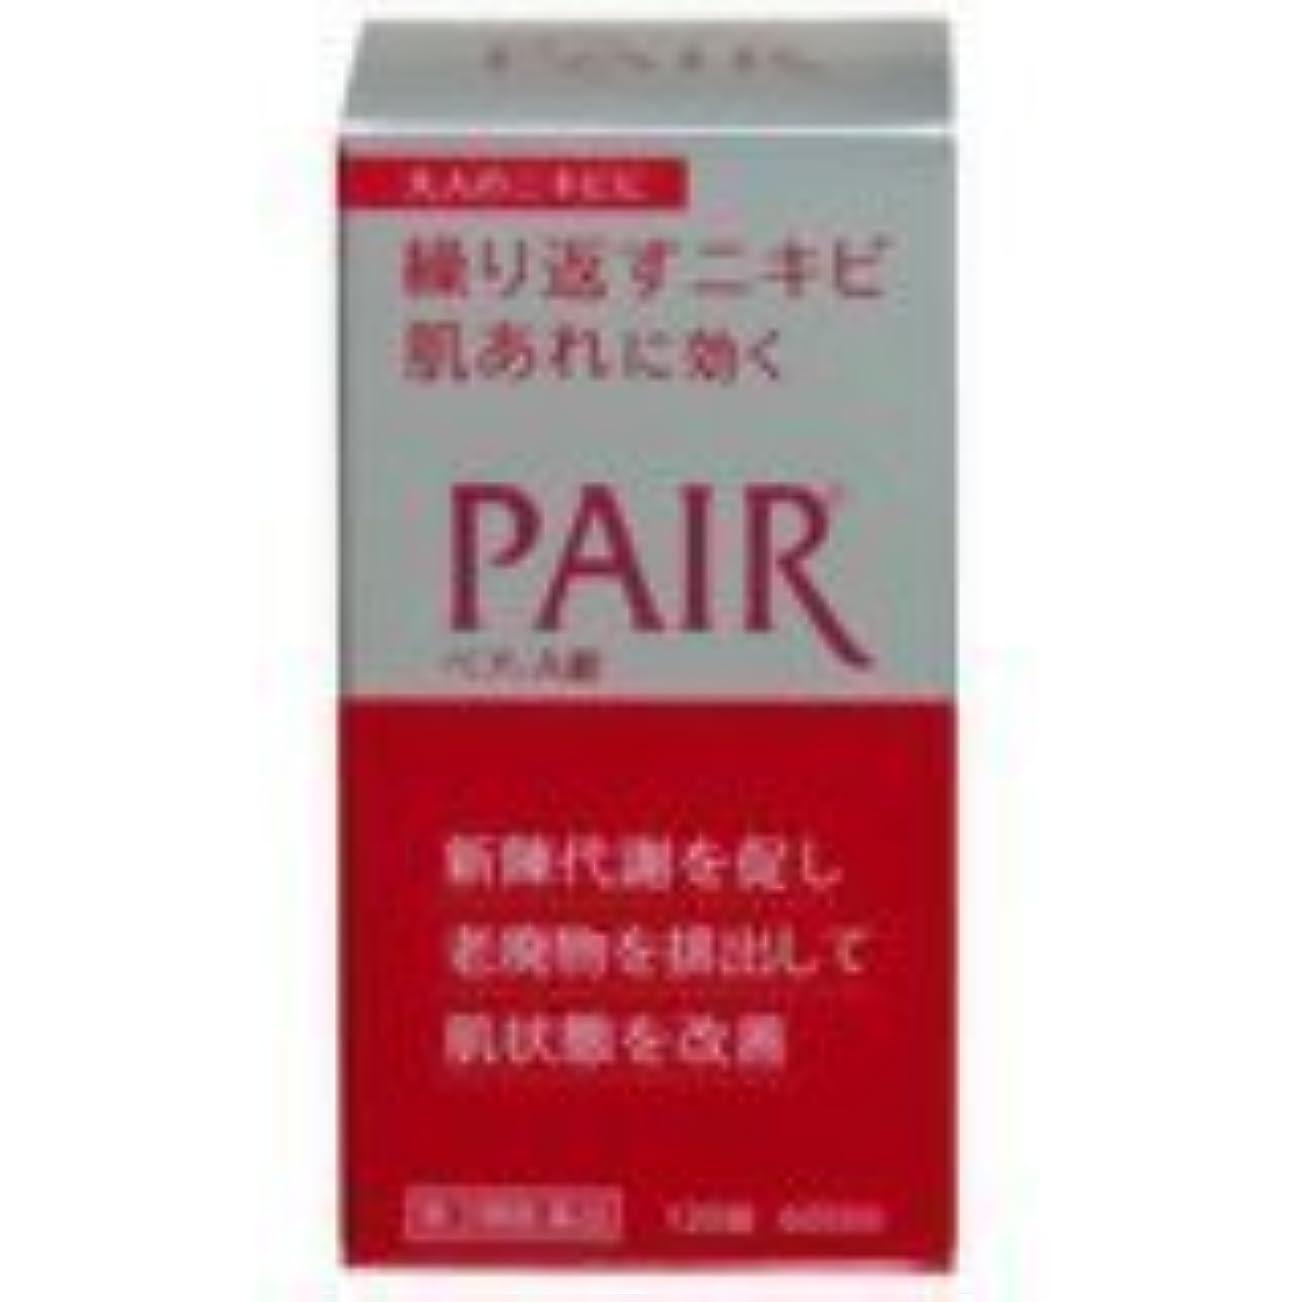 木後悔原点【第3類医薬品】ペアA錠 120錠 ×6